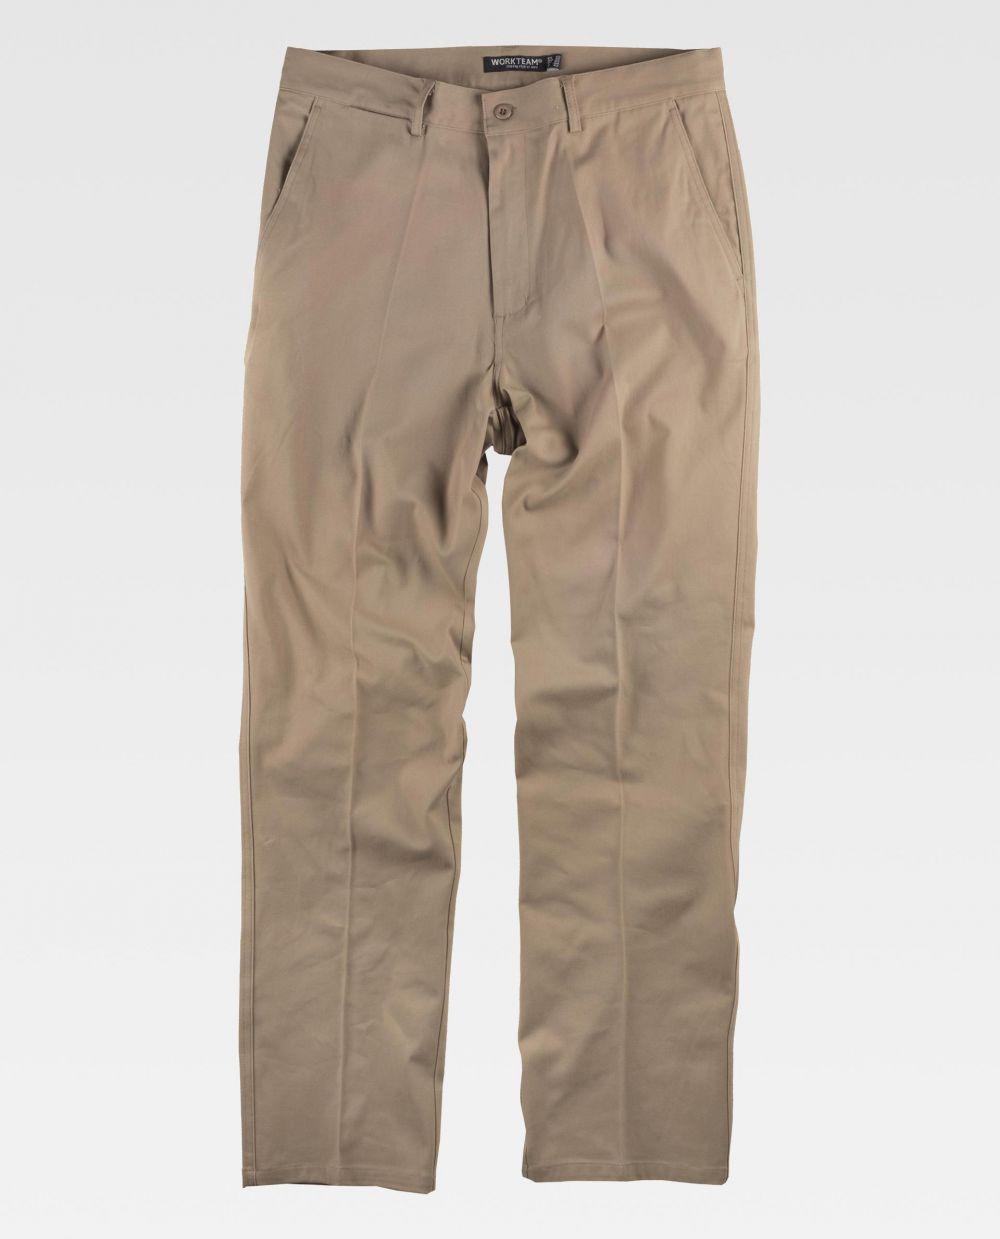 Pantalones de trabajo workteam b1422 de algodon vista 2